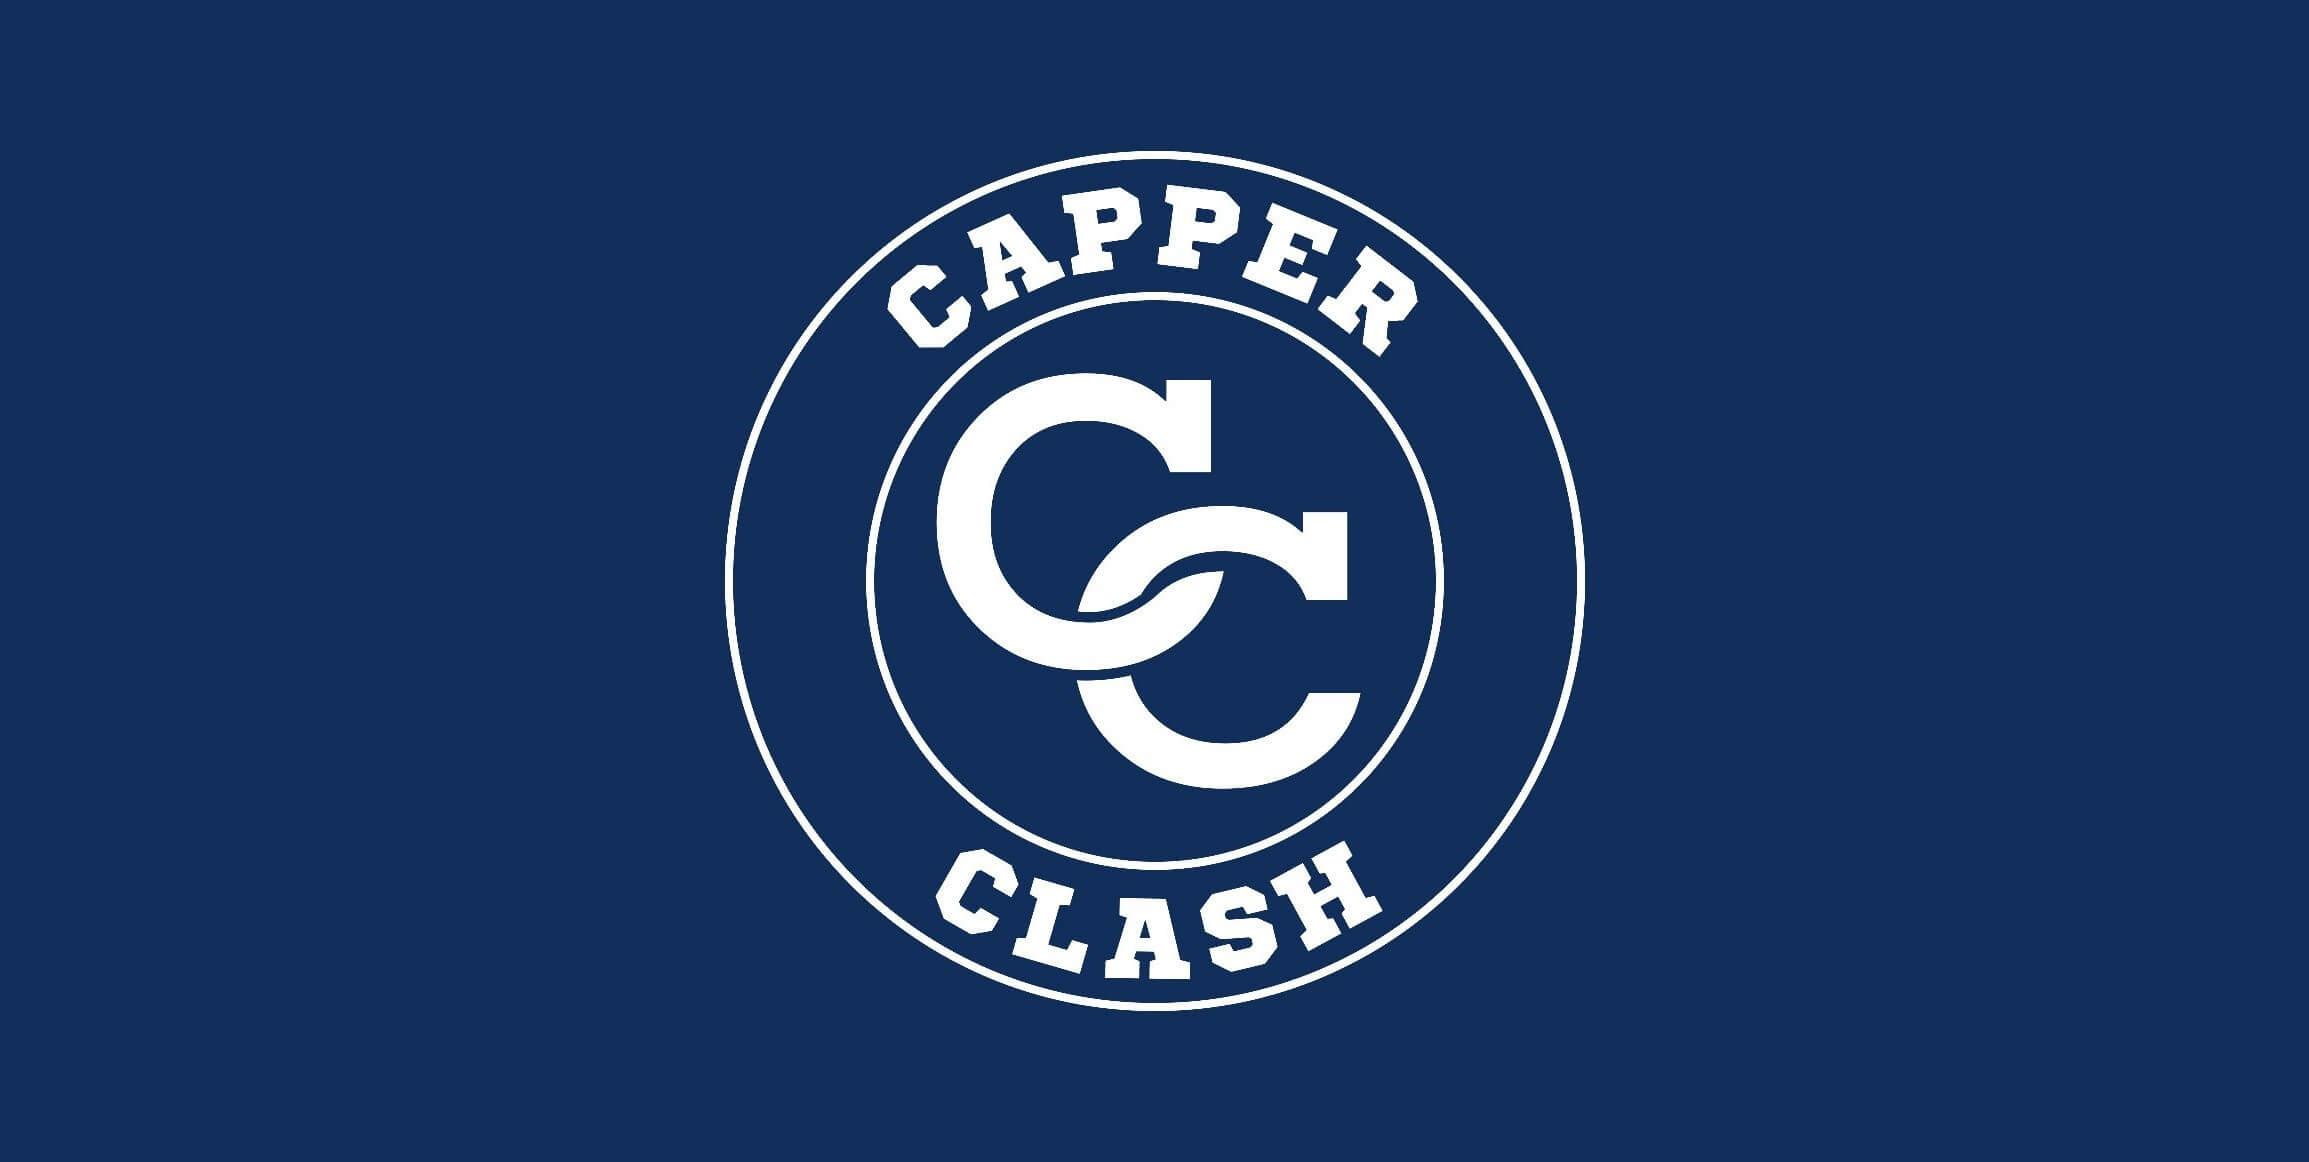 Capper Clash